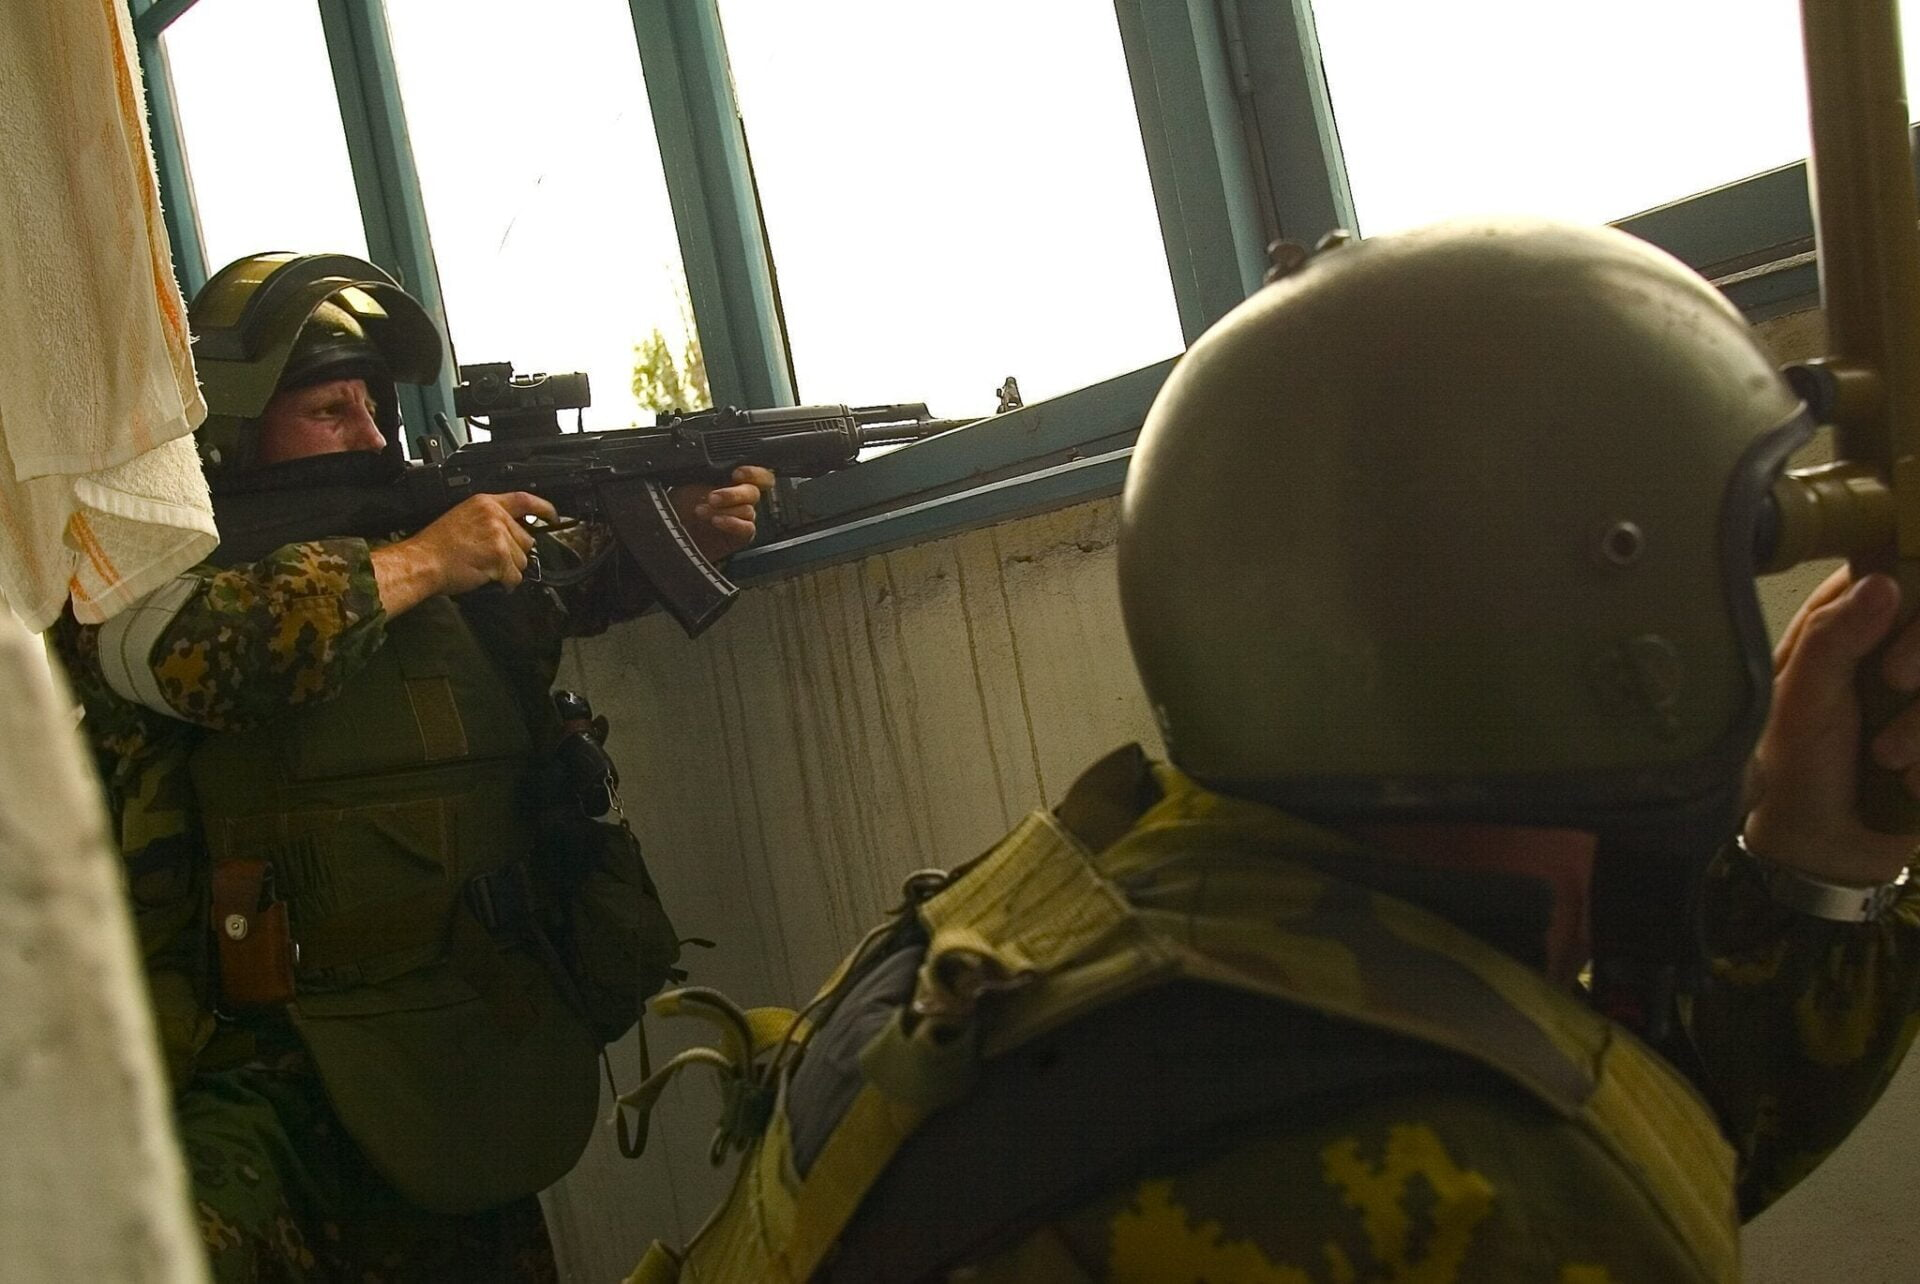 ΕΚΤΑΚΤΟ: Ένοπλοι σκότωσαν παιδιά σε σχολείο στο Καζάν της Ρωσίας | Προετοιμασία εφόδου της Αστυνομίας